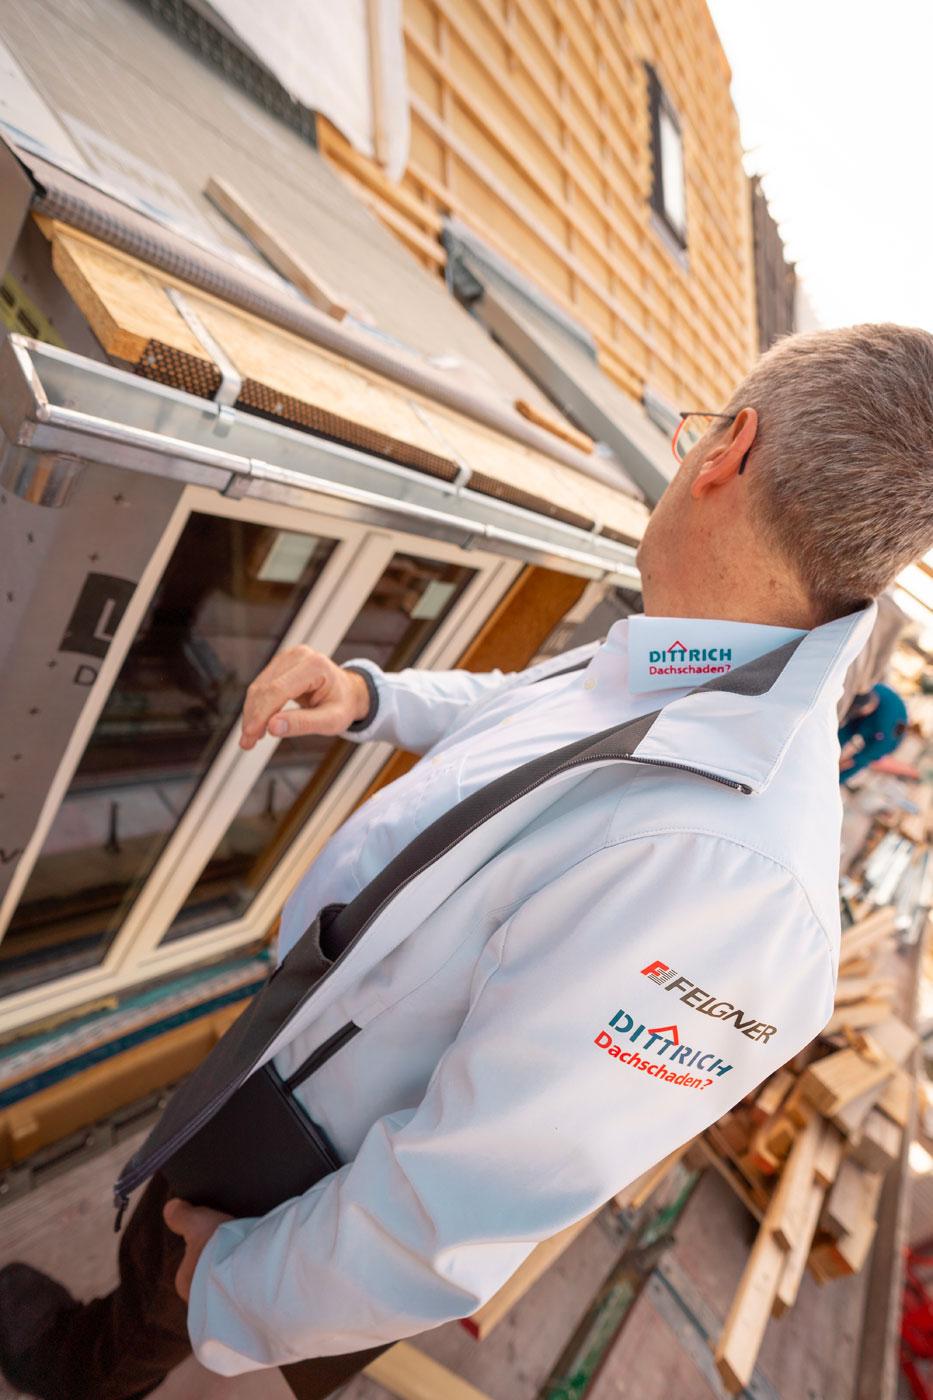 Steildach mit Fenster - Dachdeckermeister Claus Dittrich GmbH & Co. KG